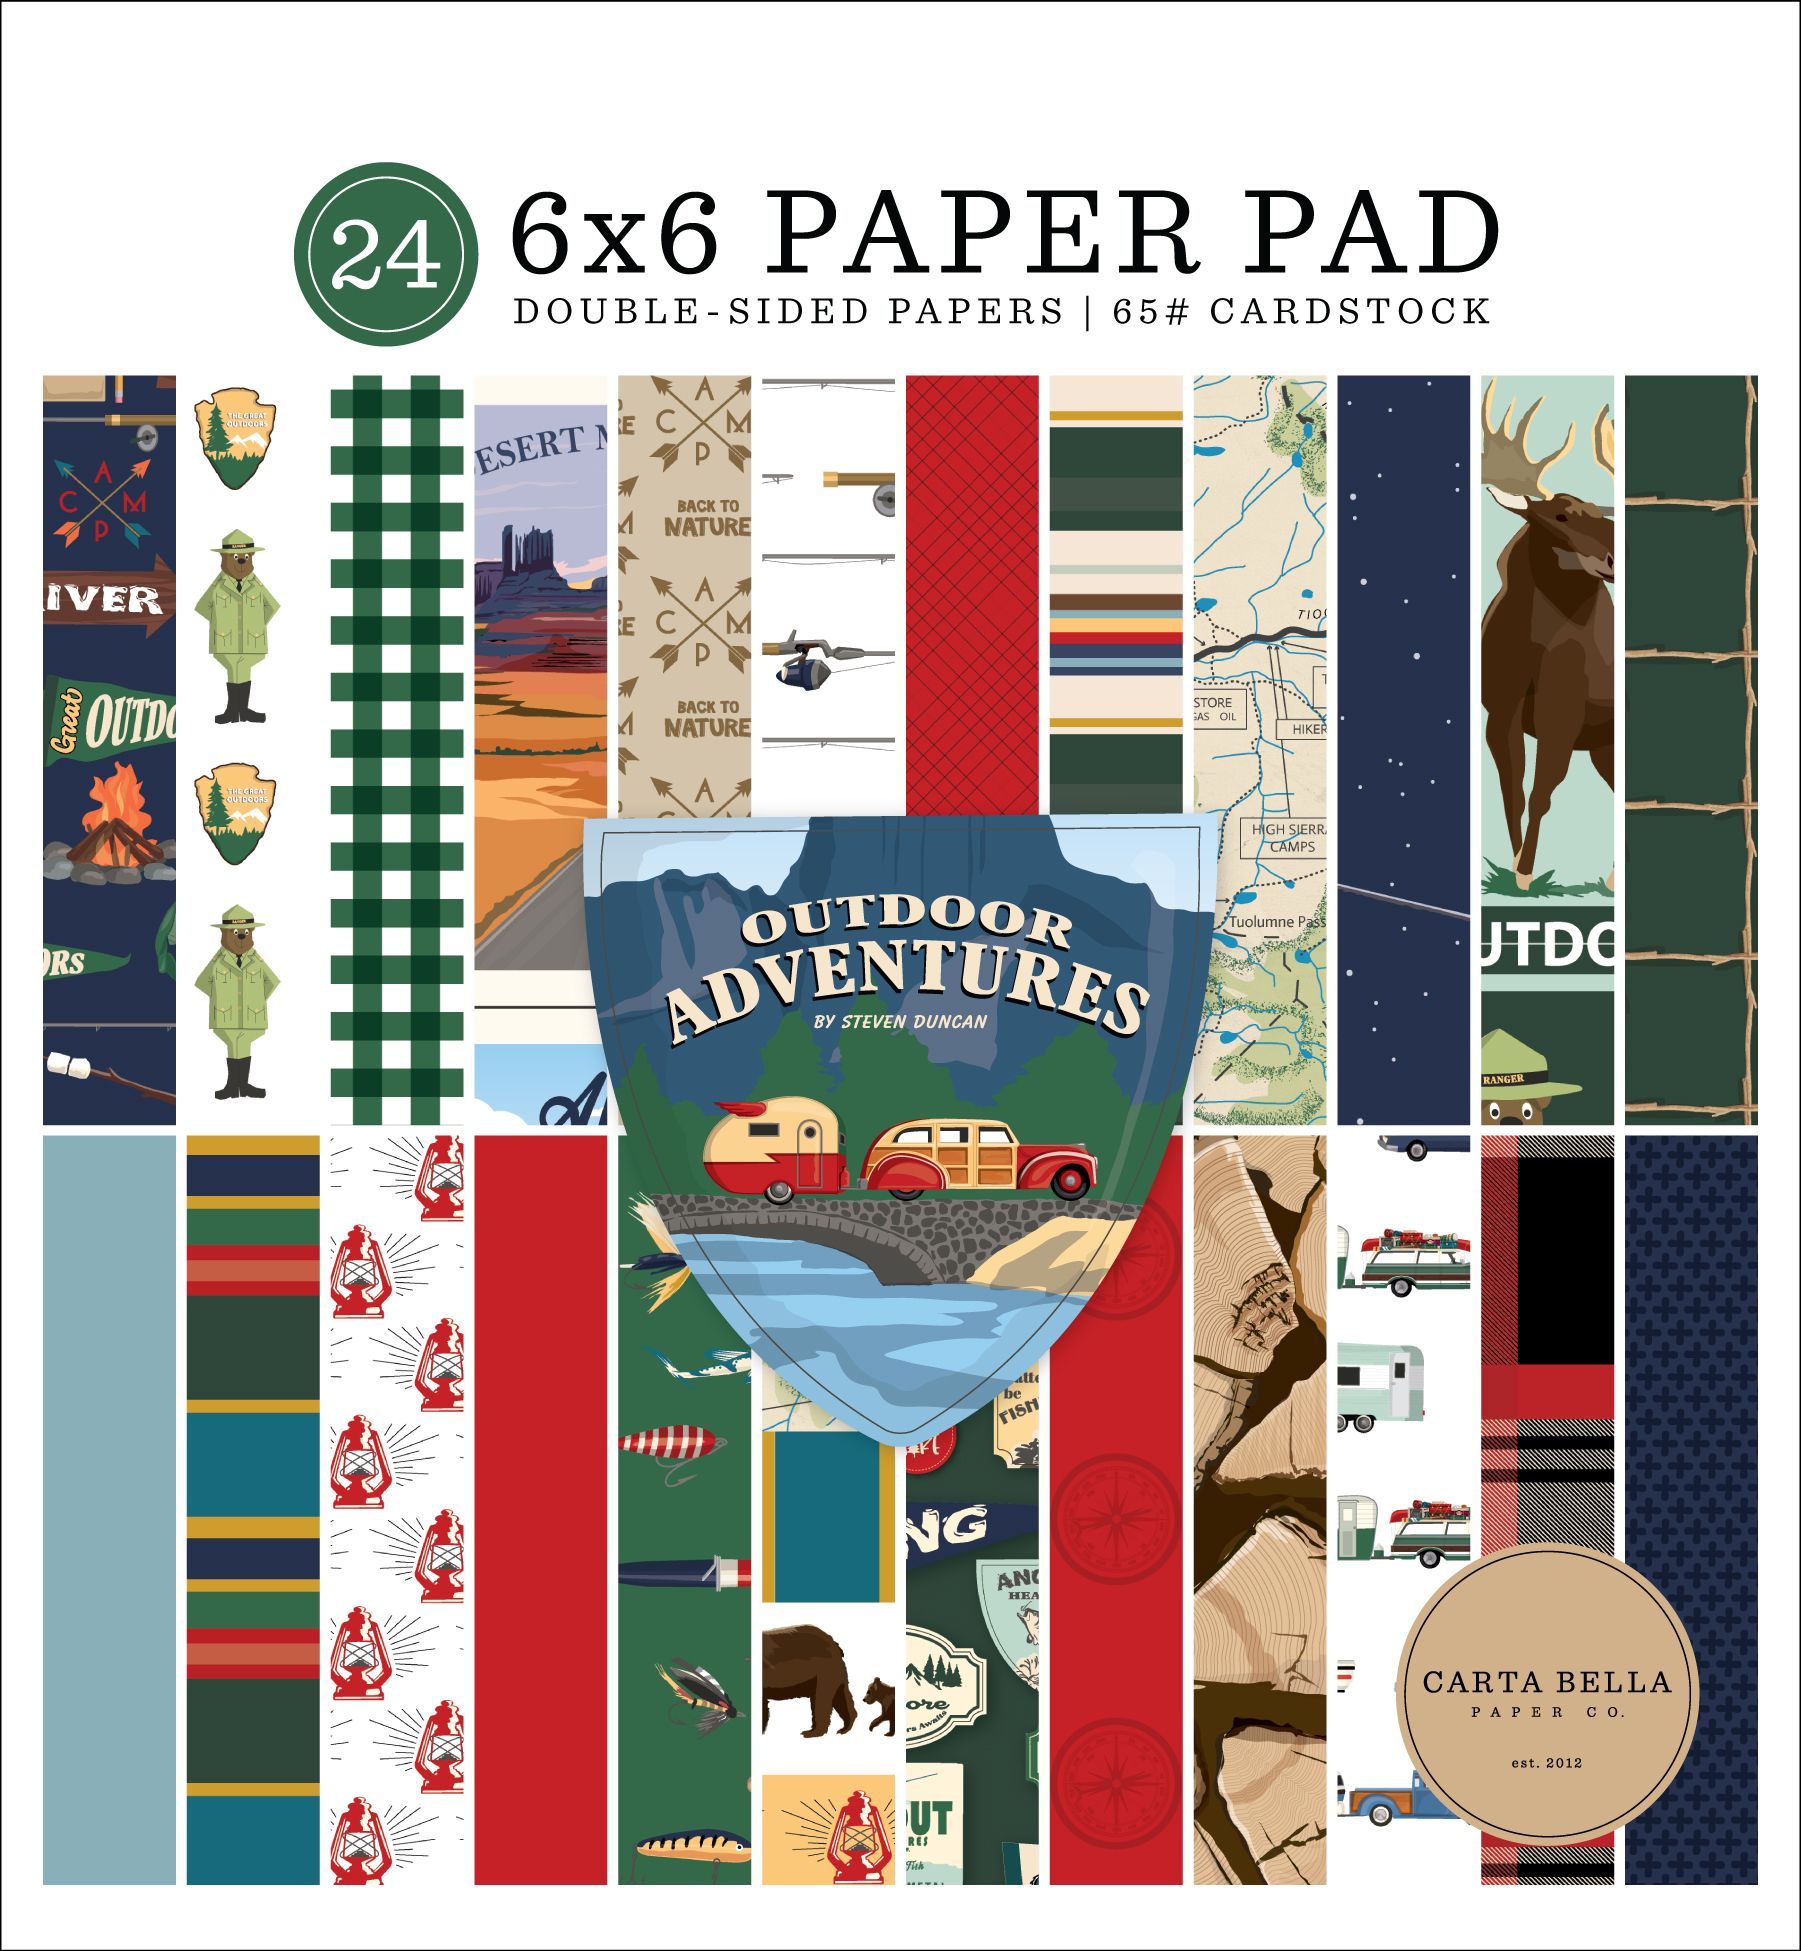 Outdoor Adventures 6x6 Paper Pad